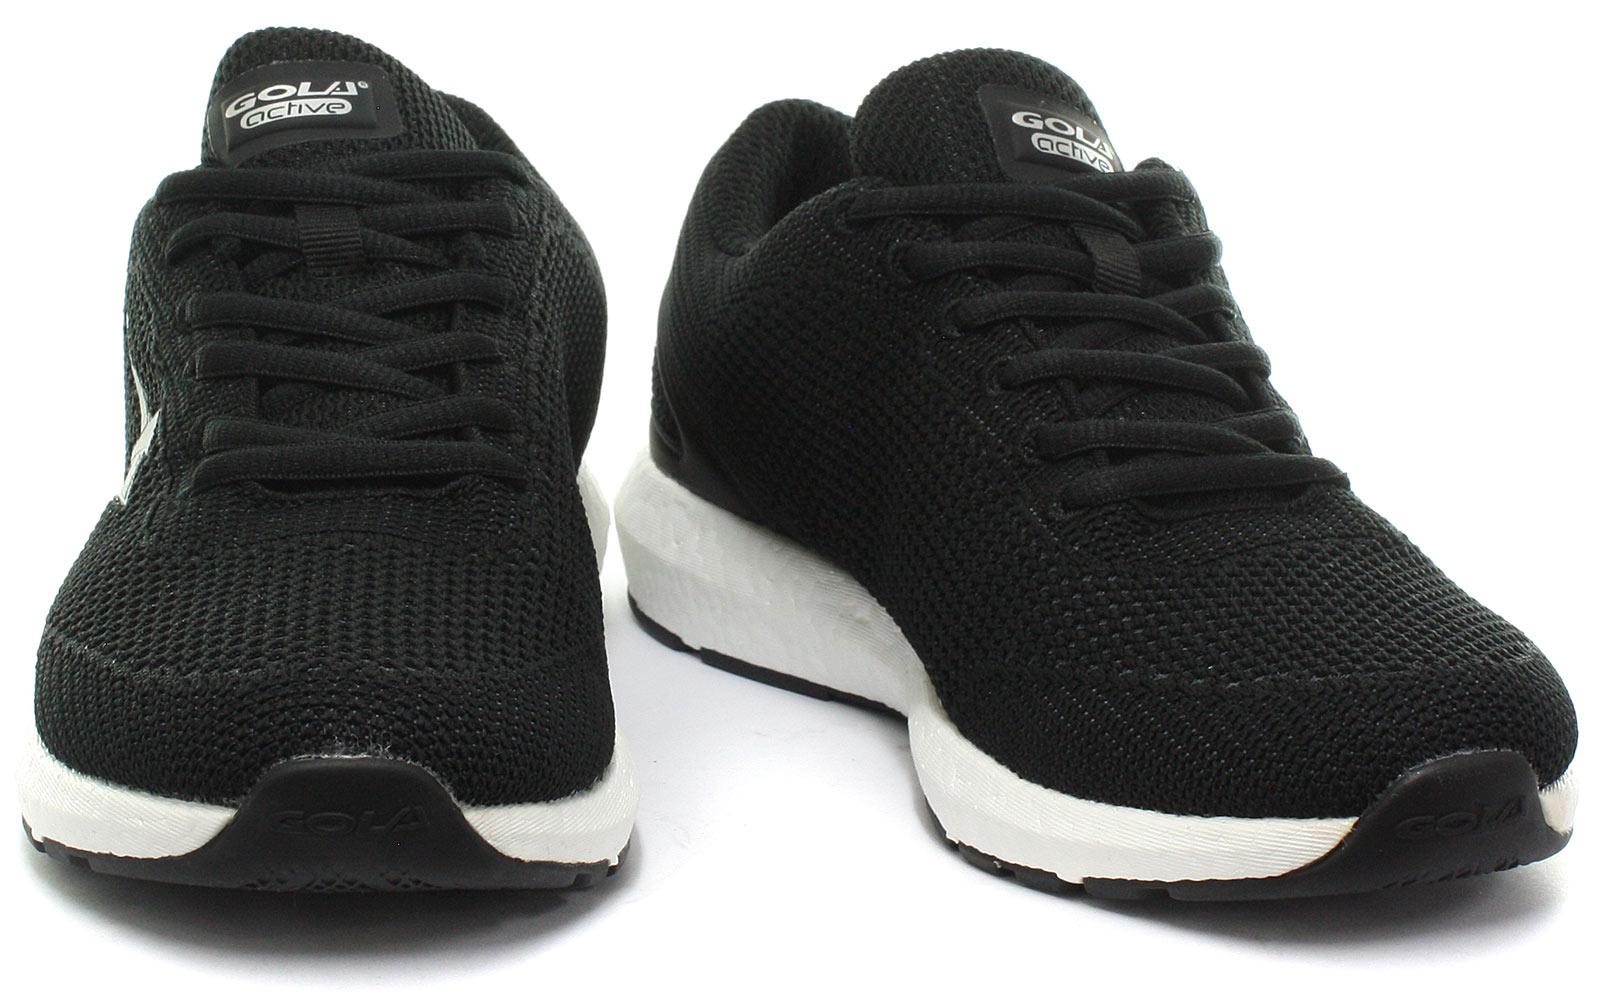 Gola Actif X-Pand Rapide Noir Femmes Courir / / / Chaussures de Ran ée ec507a